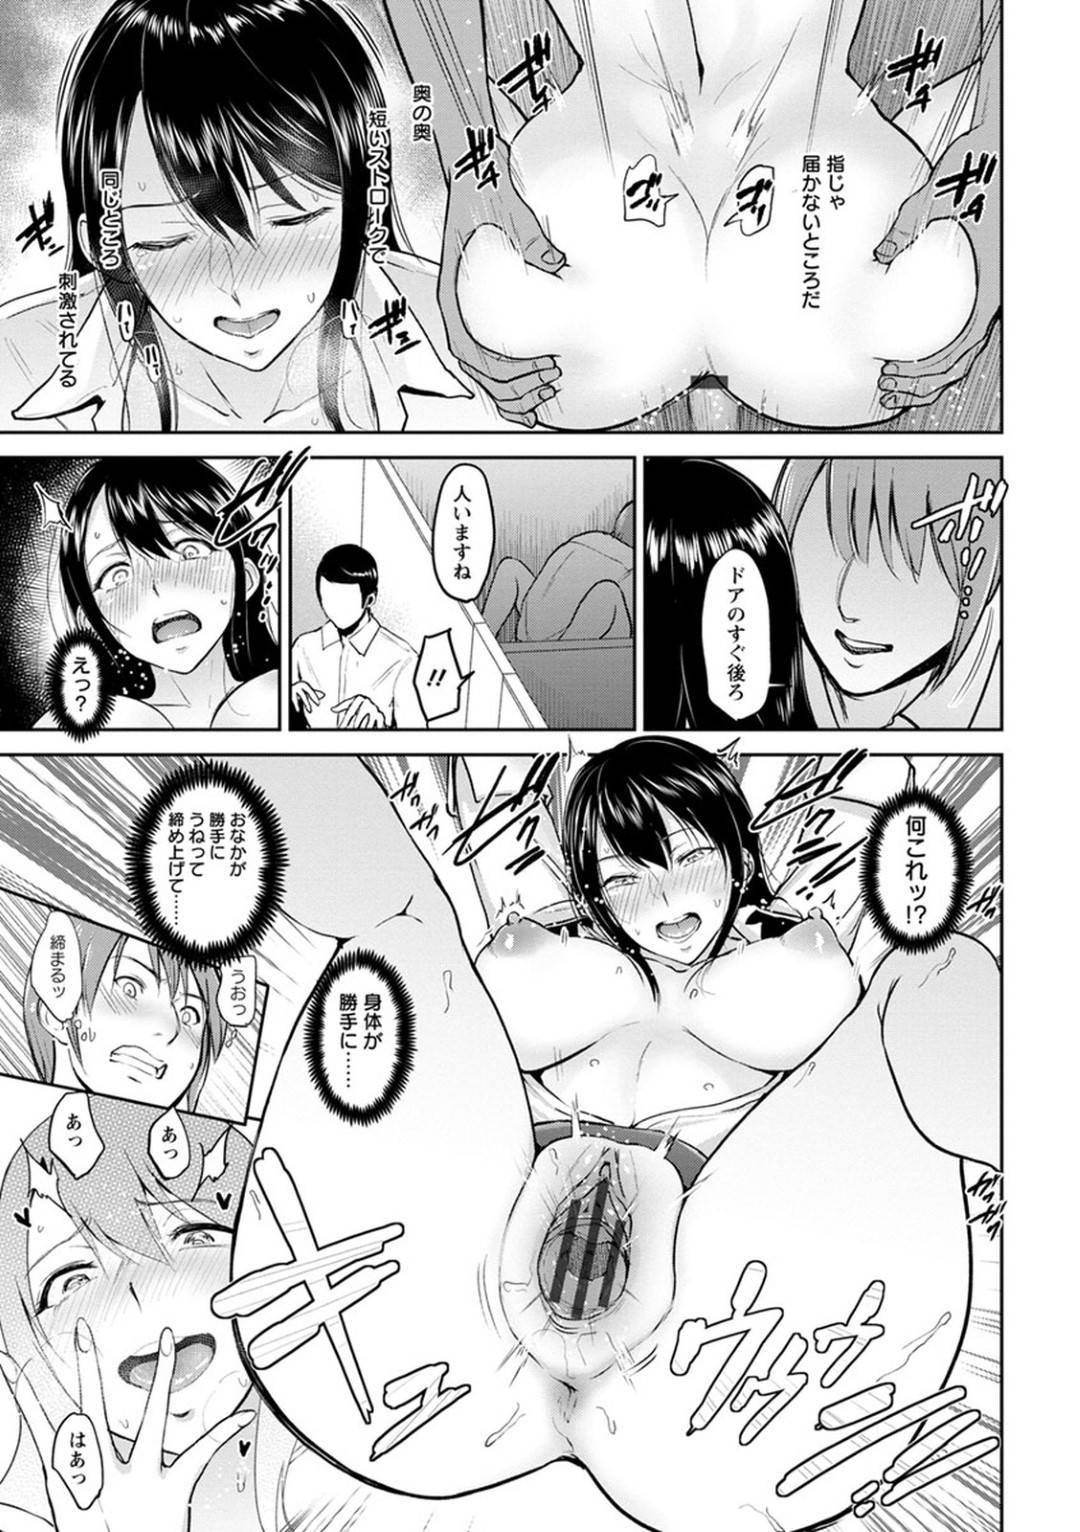 【エロ漫画】オナニーがバレた清純に見せてど変態すぎるOL…オナニーを見せつけてバックや騎乗位の中出しセックスでど変態なトロ顔になっちゃう!【ビフィダス:奥宮さんはお手洗いにいる】